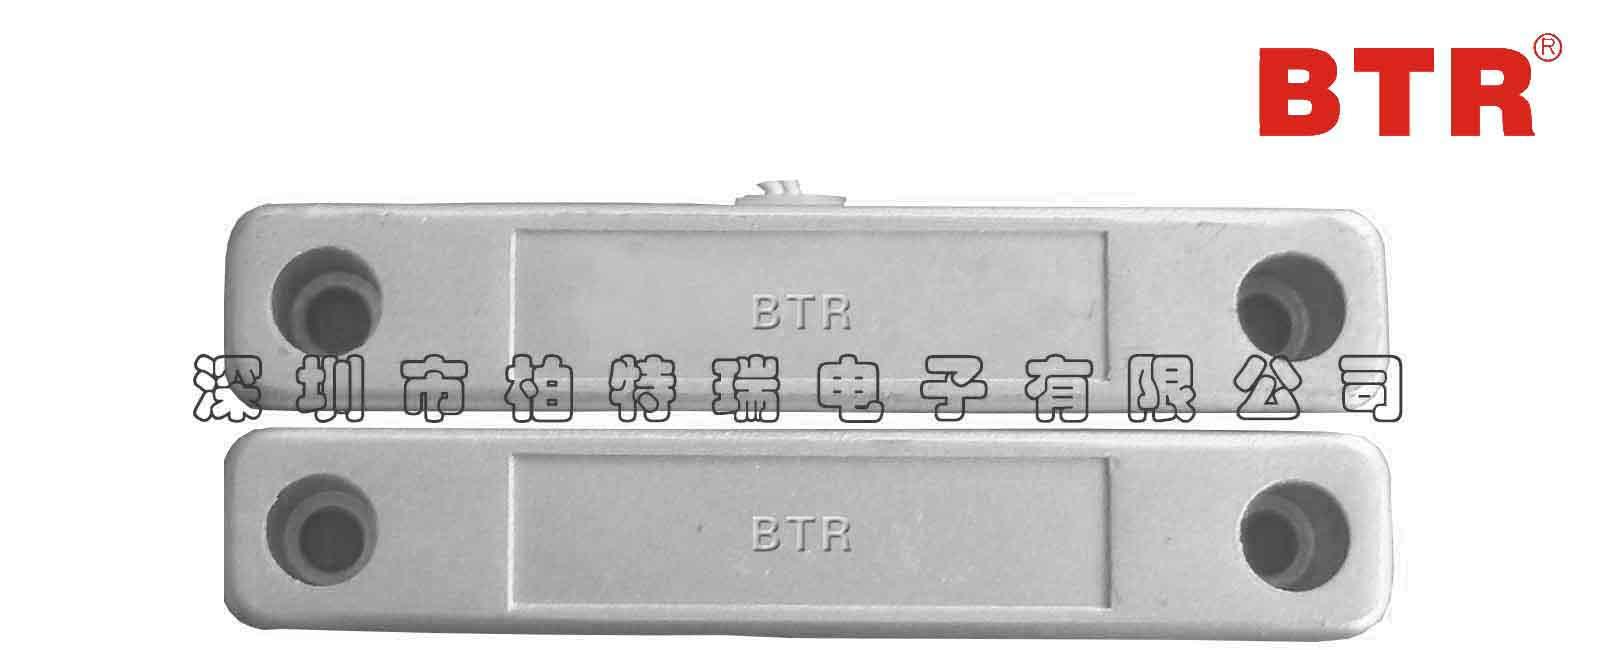 MC-58A  BTR01094   铁门磁传感器(三线)